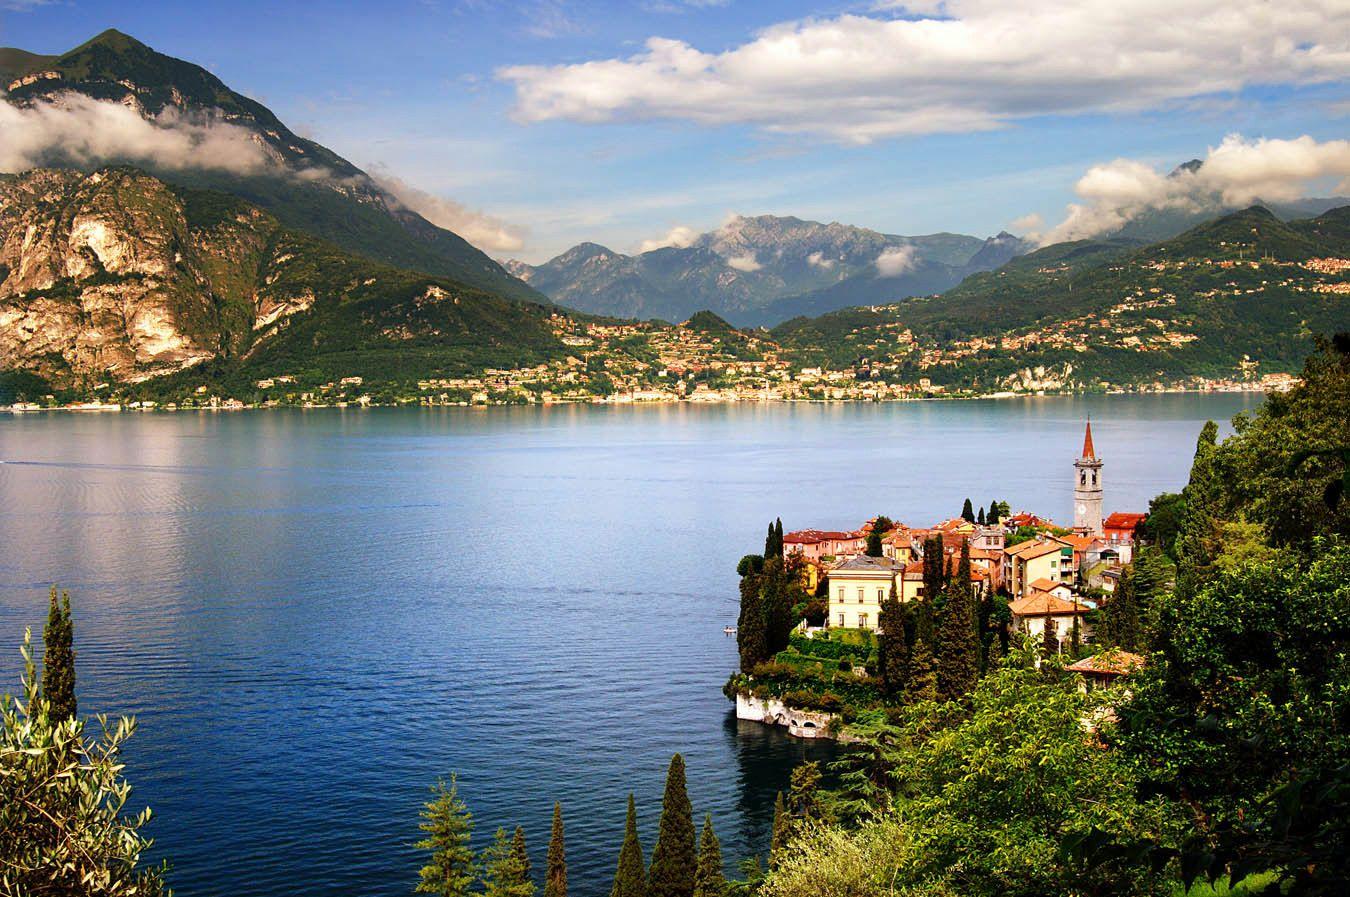 Αποτέλεσμα εικόνας για como lake italy